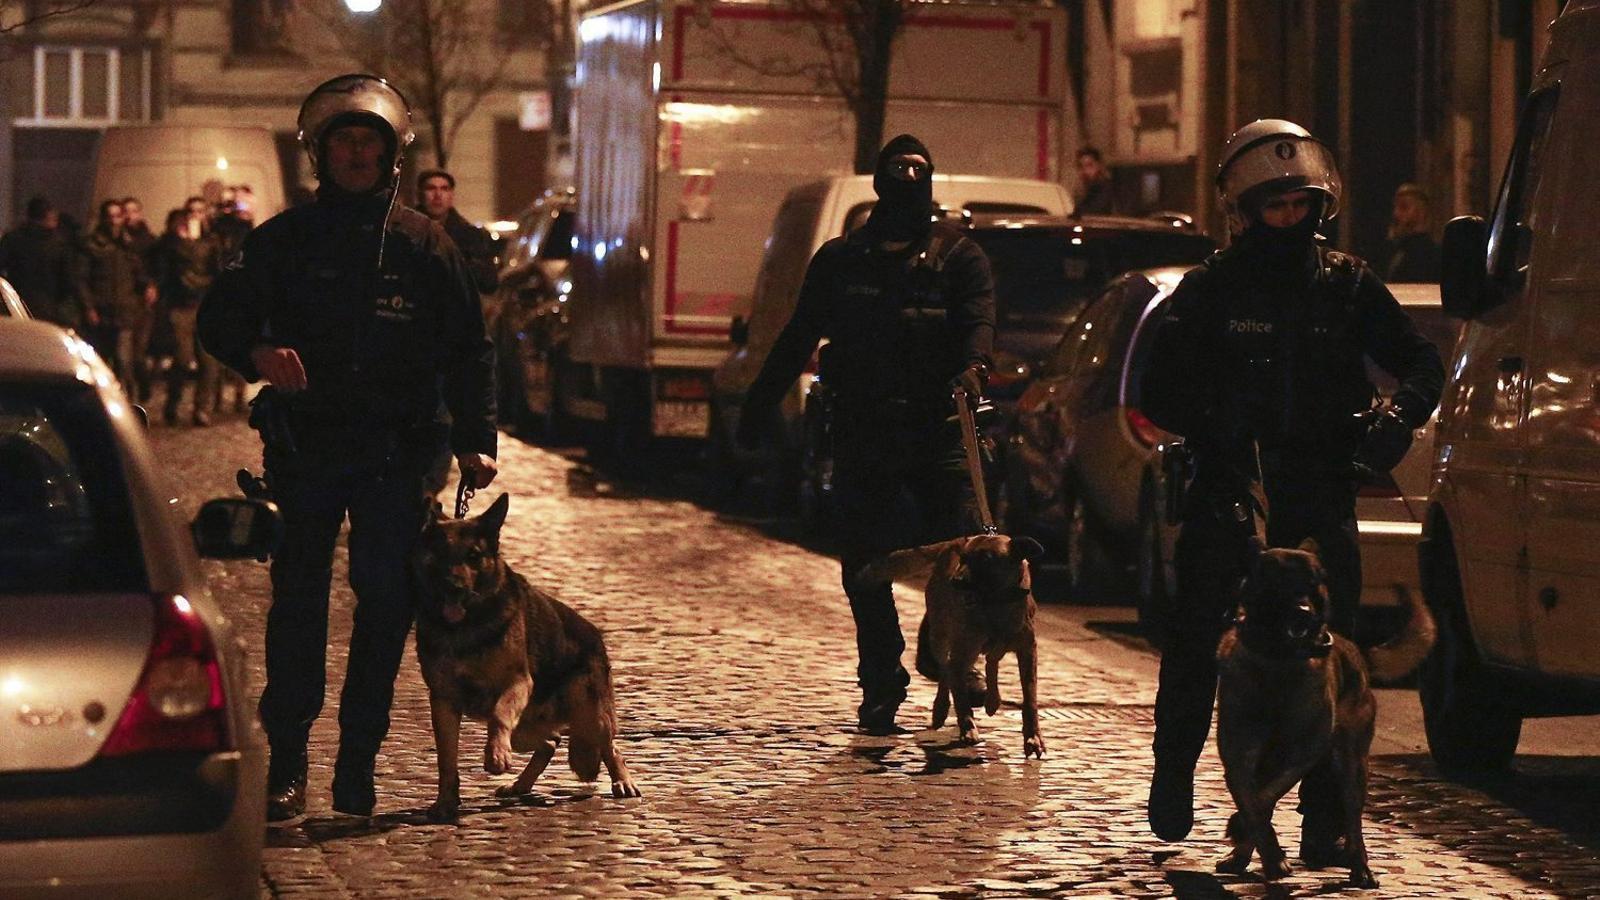 La periodista que el 2005 ja va alertar del radicalisme a Bèlgica